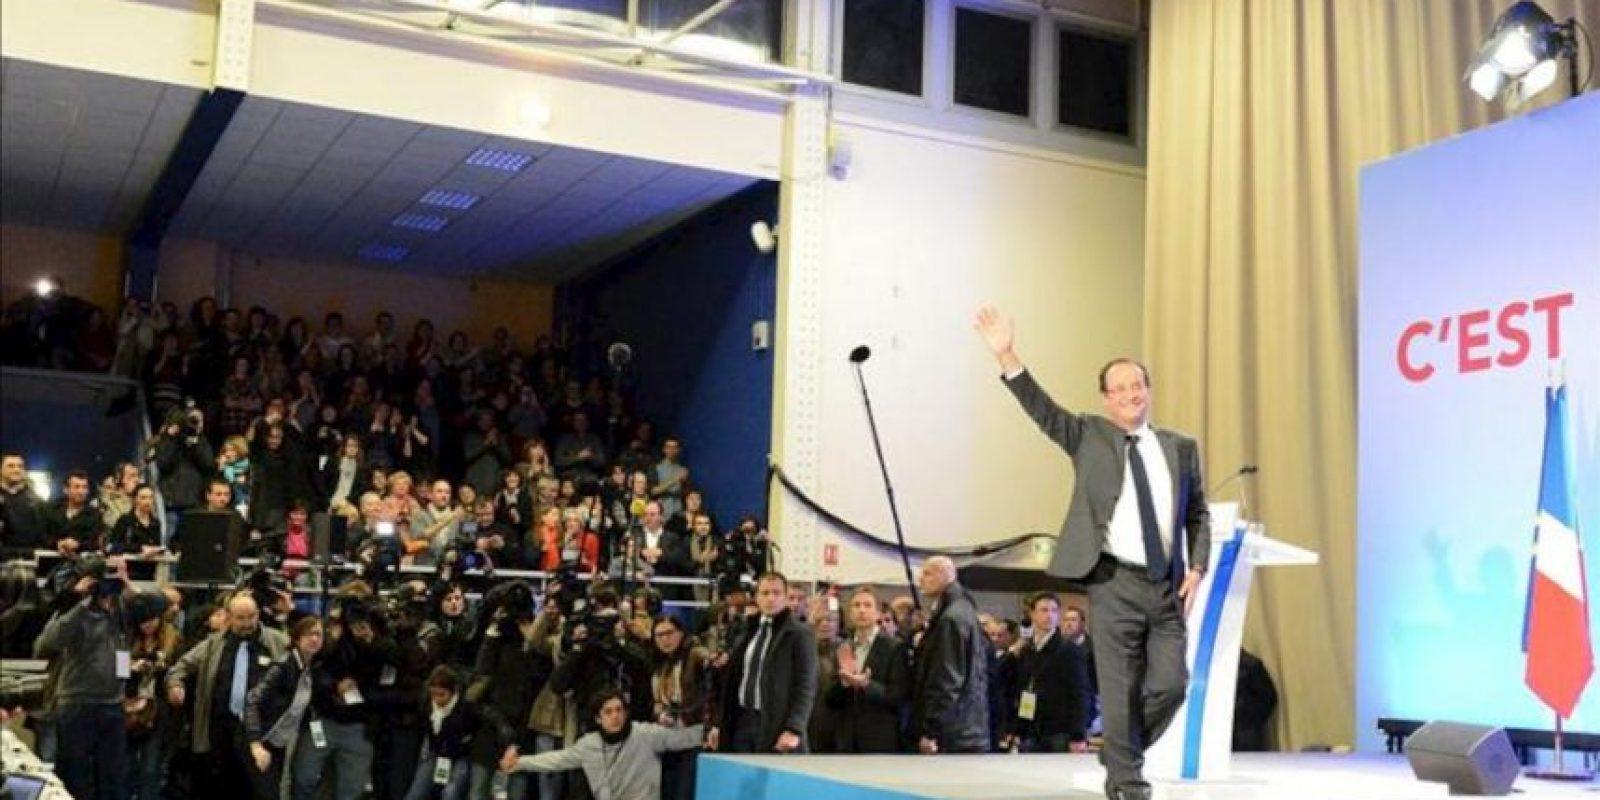 """El candidato presidencial por el Partido Socialista (PS) francés, Francois Hollande, saluda a seguidores hoy, domingo 22 de abril de 2012, durante la primera ronda de las elecciones presidenciales francesas en Tulle (Francia). El favorito candidato francés socialista, Hollande, dijo que su victoria sobre titular Nicolás Sarkozy en la primera ronda electoral fue una """"desautorización"""" a Sarkozy, quien ha """"jugado el juego de la extrema derecha"""". Hollande encabezó la primera vuelta entre un 28.4 y 29.3 por ciento de la votación, comparado con un 25.5 y 27 por ciento de Zarkozy, de acuerdo a lo mostrado por las encuestas. EFE"""